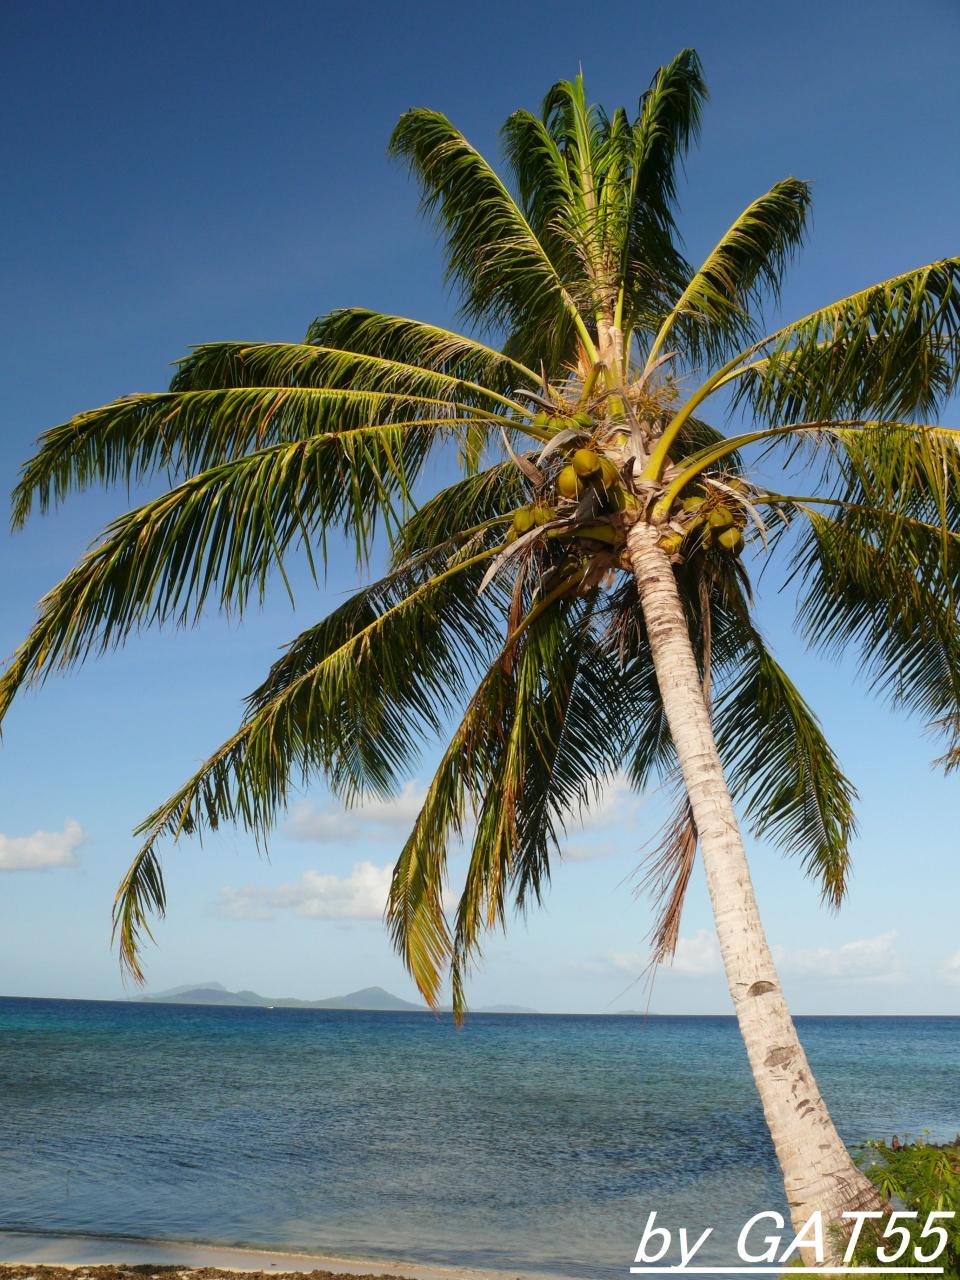 太平洋の島々へ行こう〜ミクロネシア連邦...